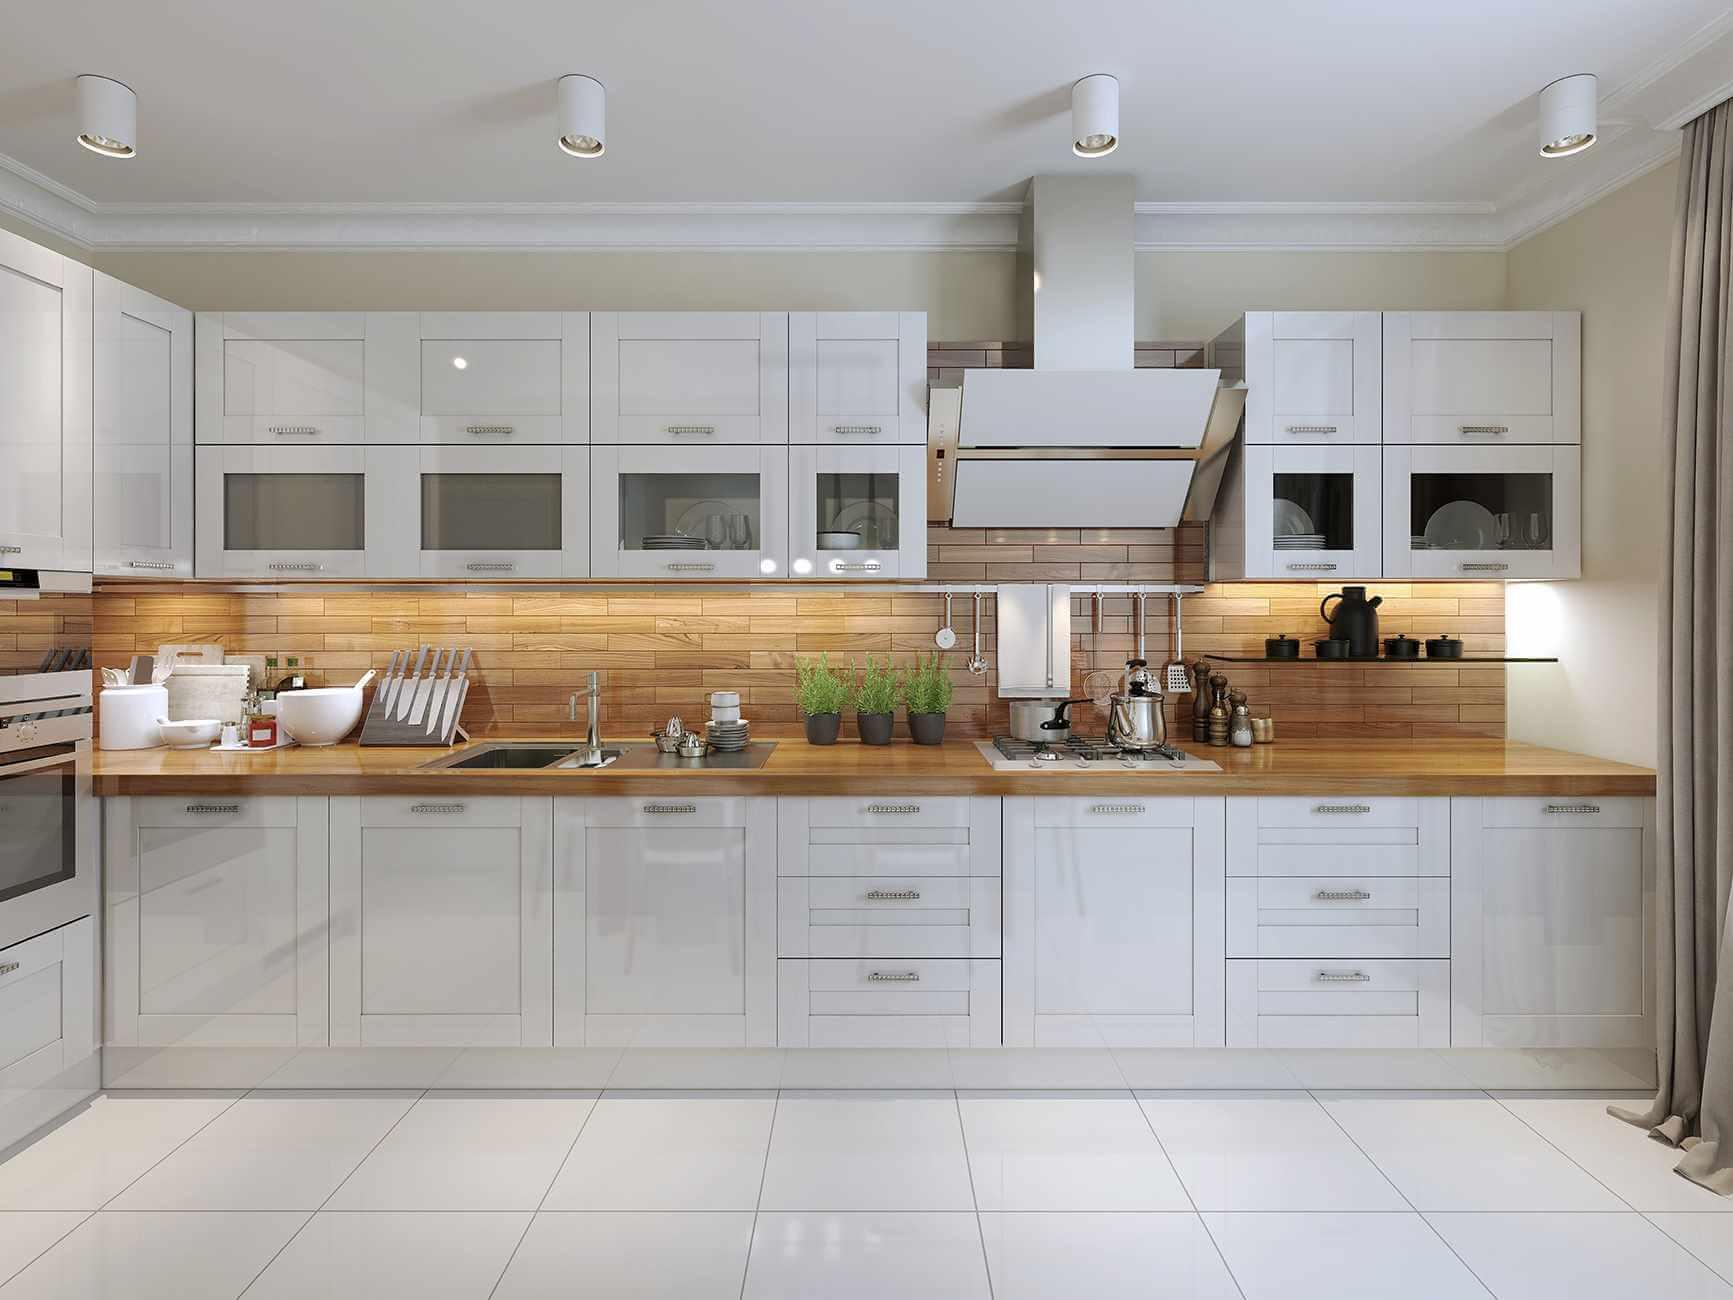 Renkli mutfak dekorasyonu önerileri